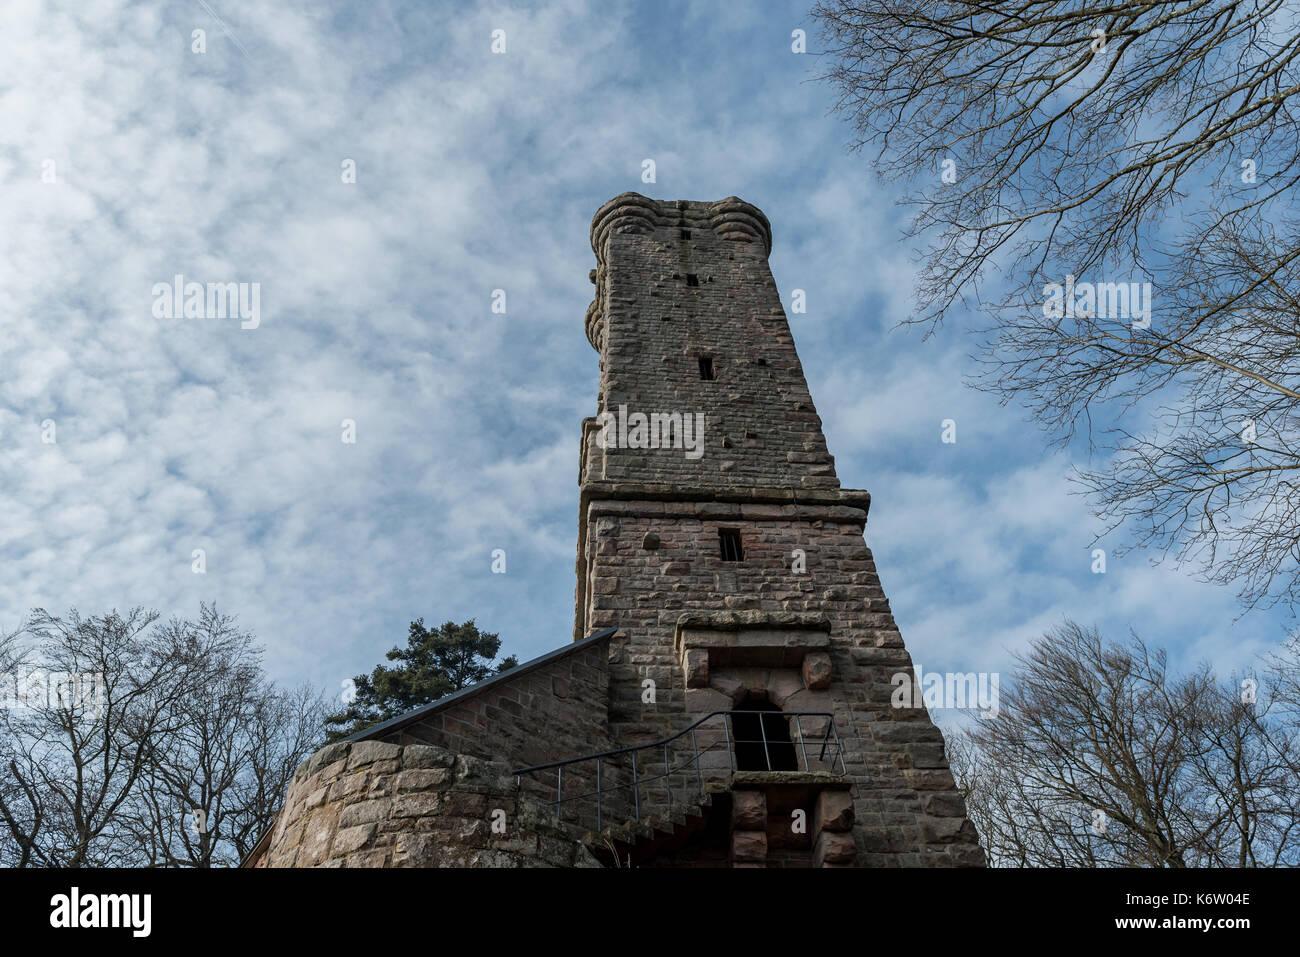 Merzalben, GER, Rheinlandpfalz - February 12, Luitpoldturm im Pfälzer Wald bei Merzalben, Pfälzerwald . Im Bild: Aussenansicht des Turms . - Stock Image